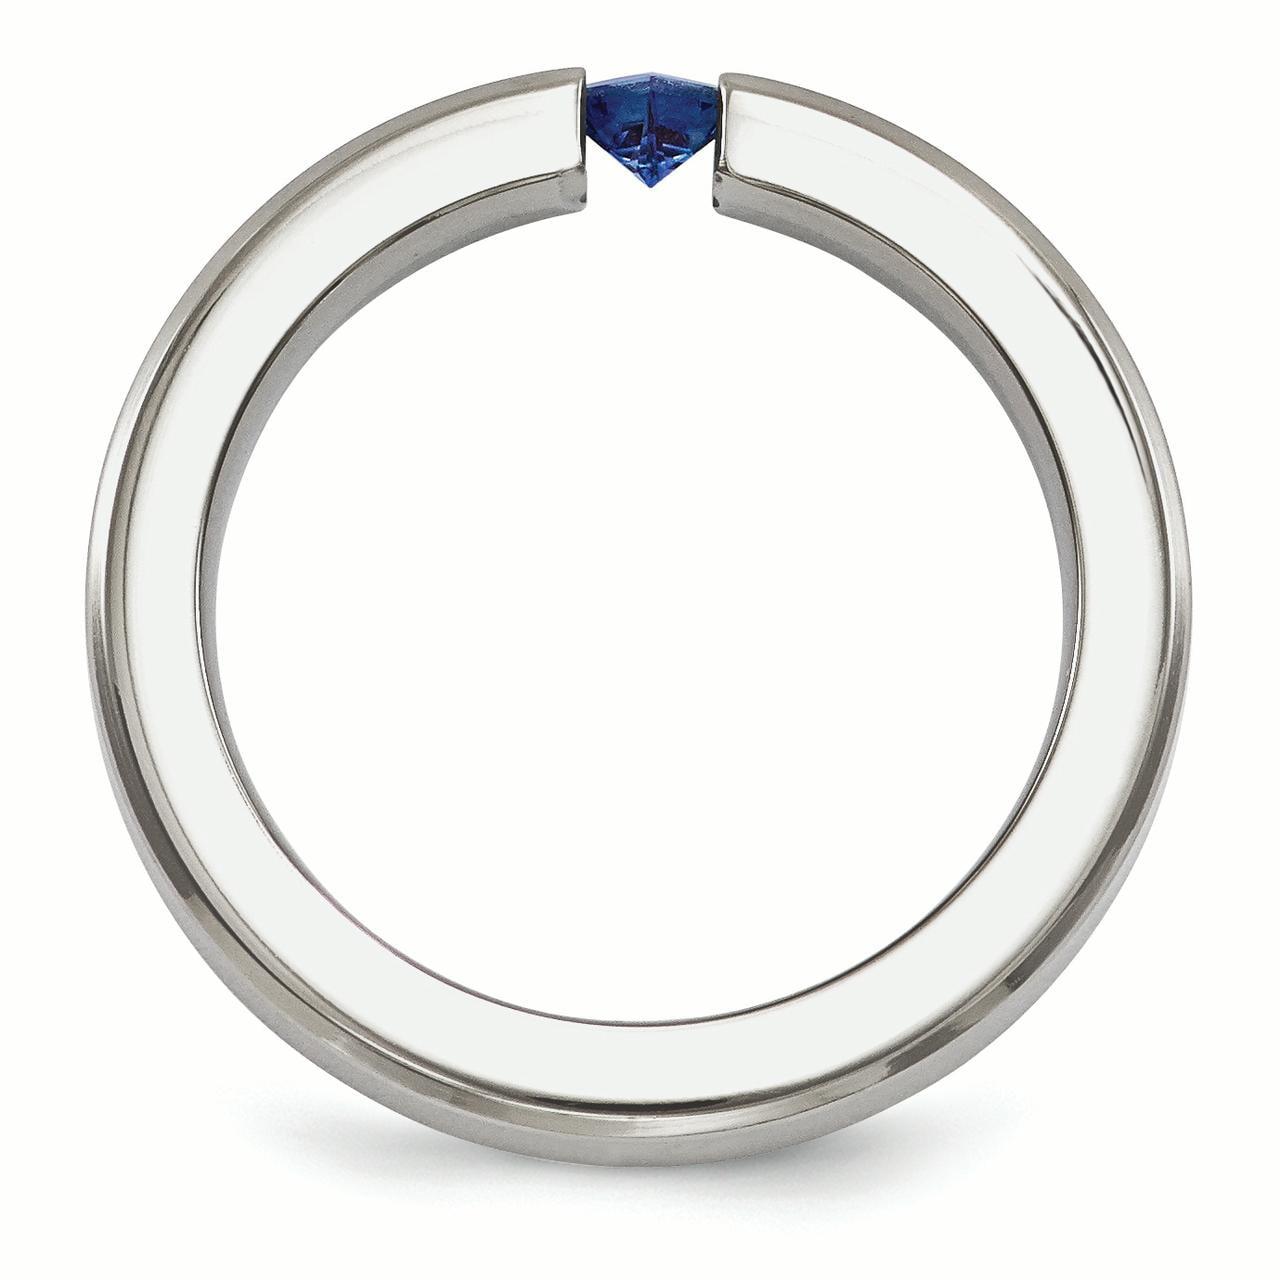 Bridal Wedding Bands Decorative Bands Edward Mirell Titanium Brushed Sapphire 4mm Band Size 9